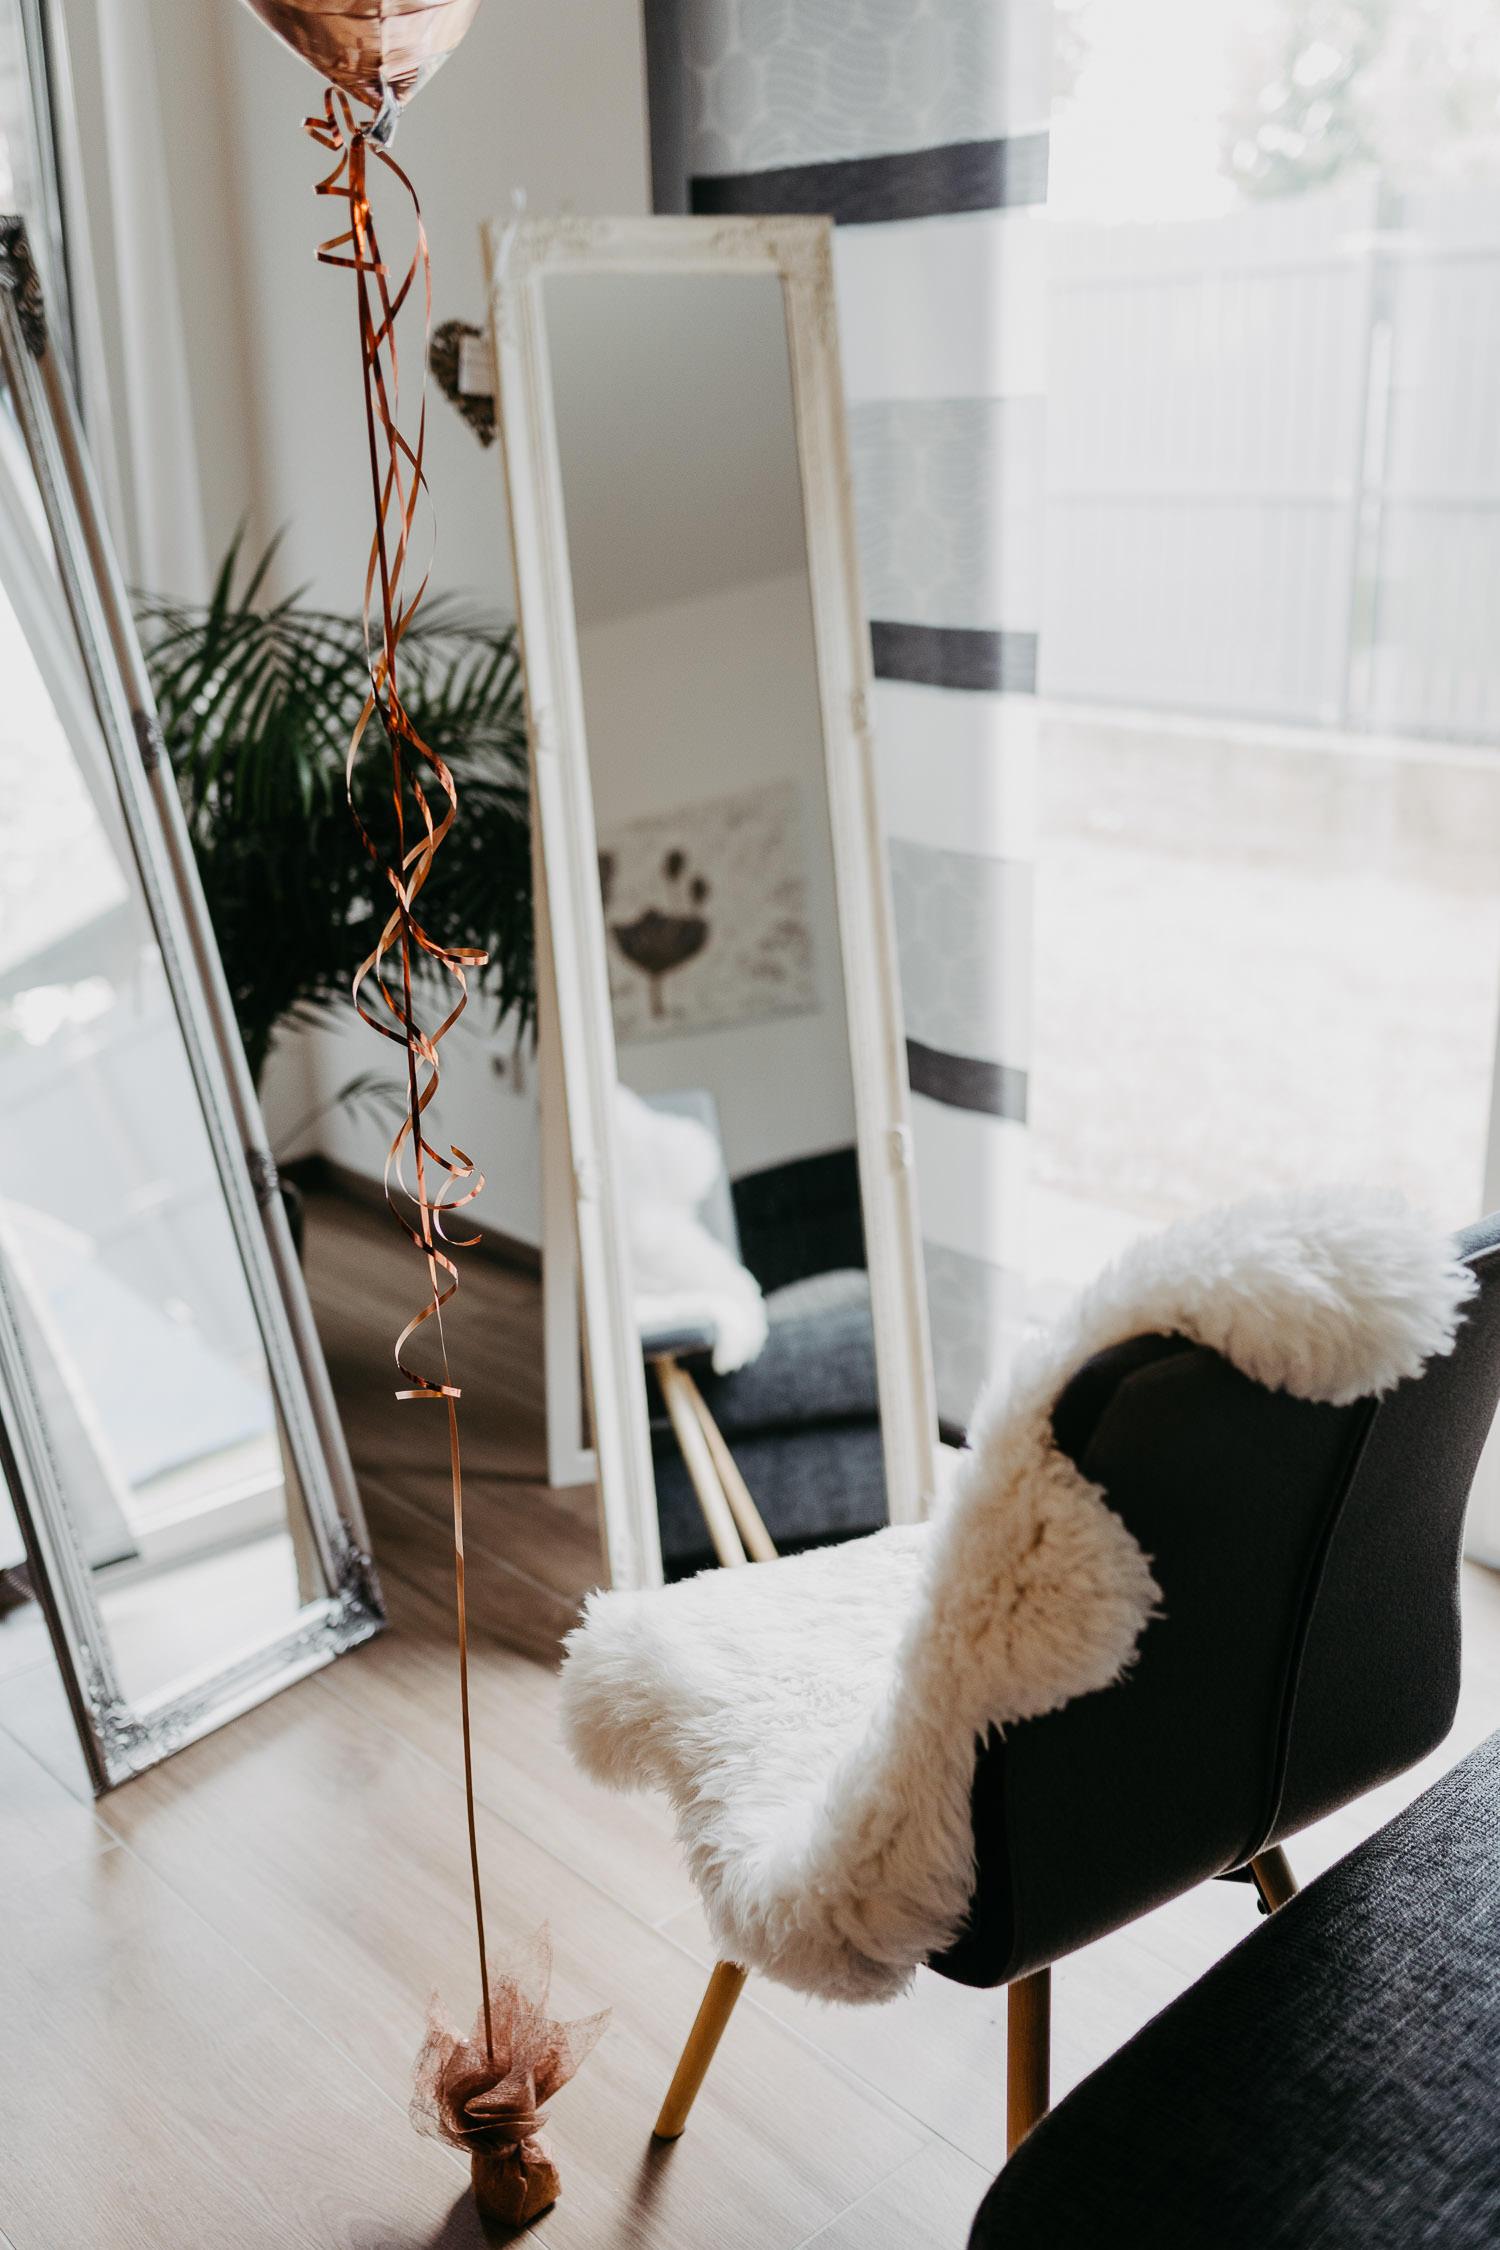 Stuhl vorm Fenster für das Getting Ready